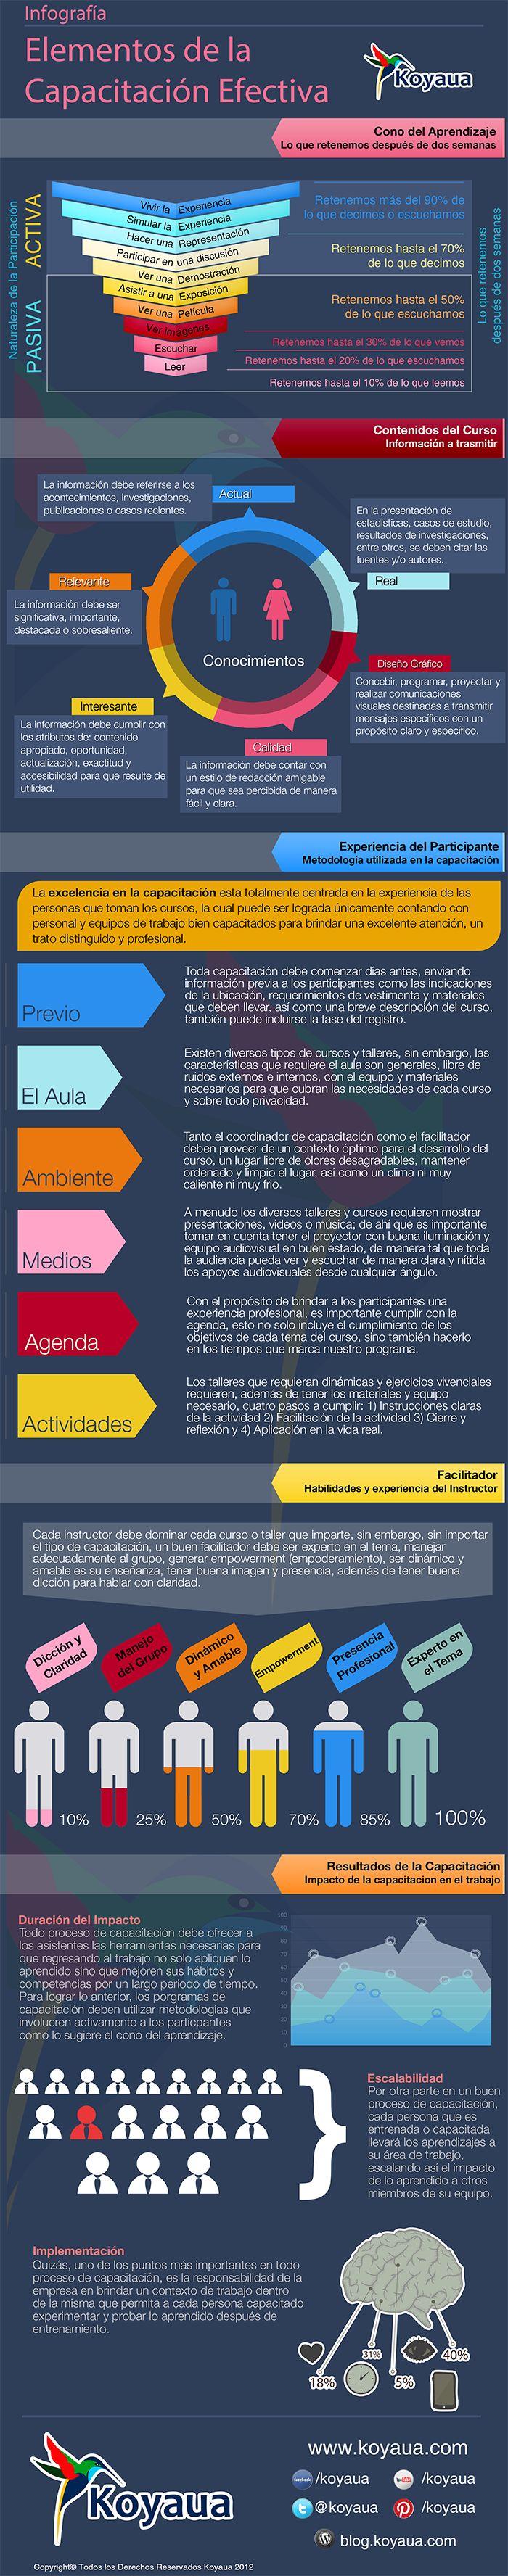 Los elementos fundamentales de una formación efectiva #infografia #infographic #education | TICs y Formación